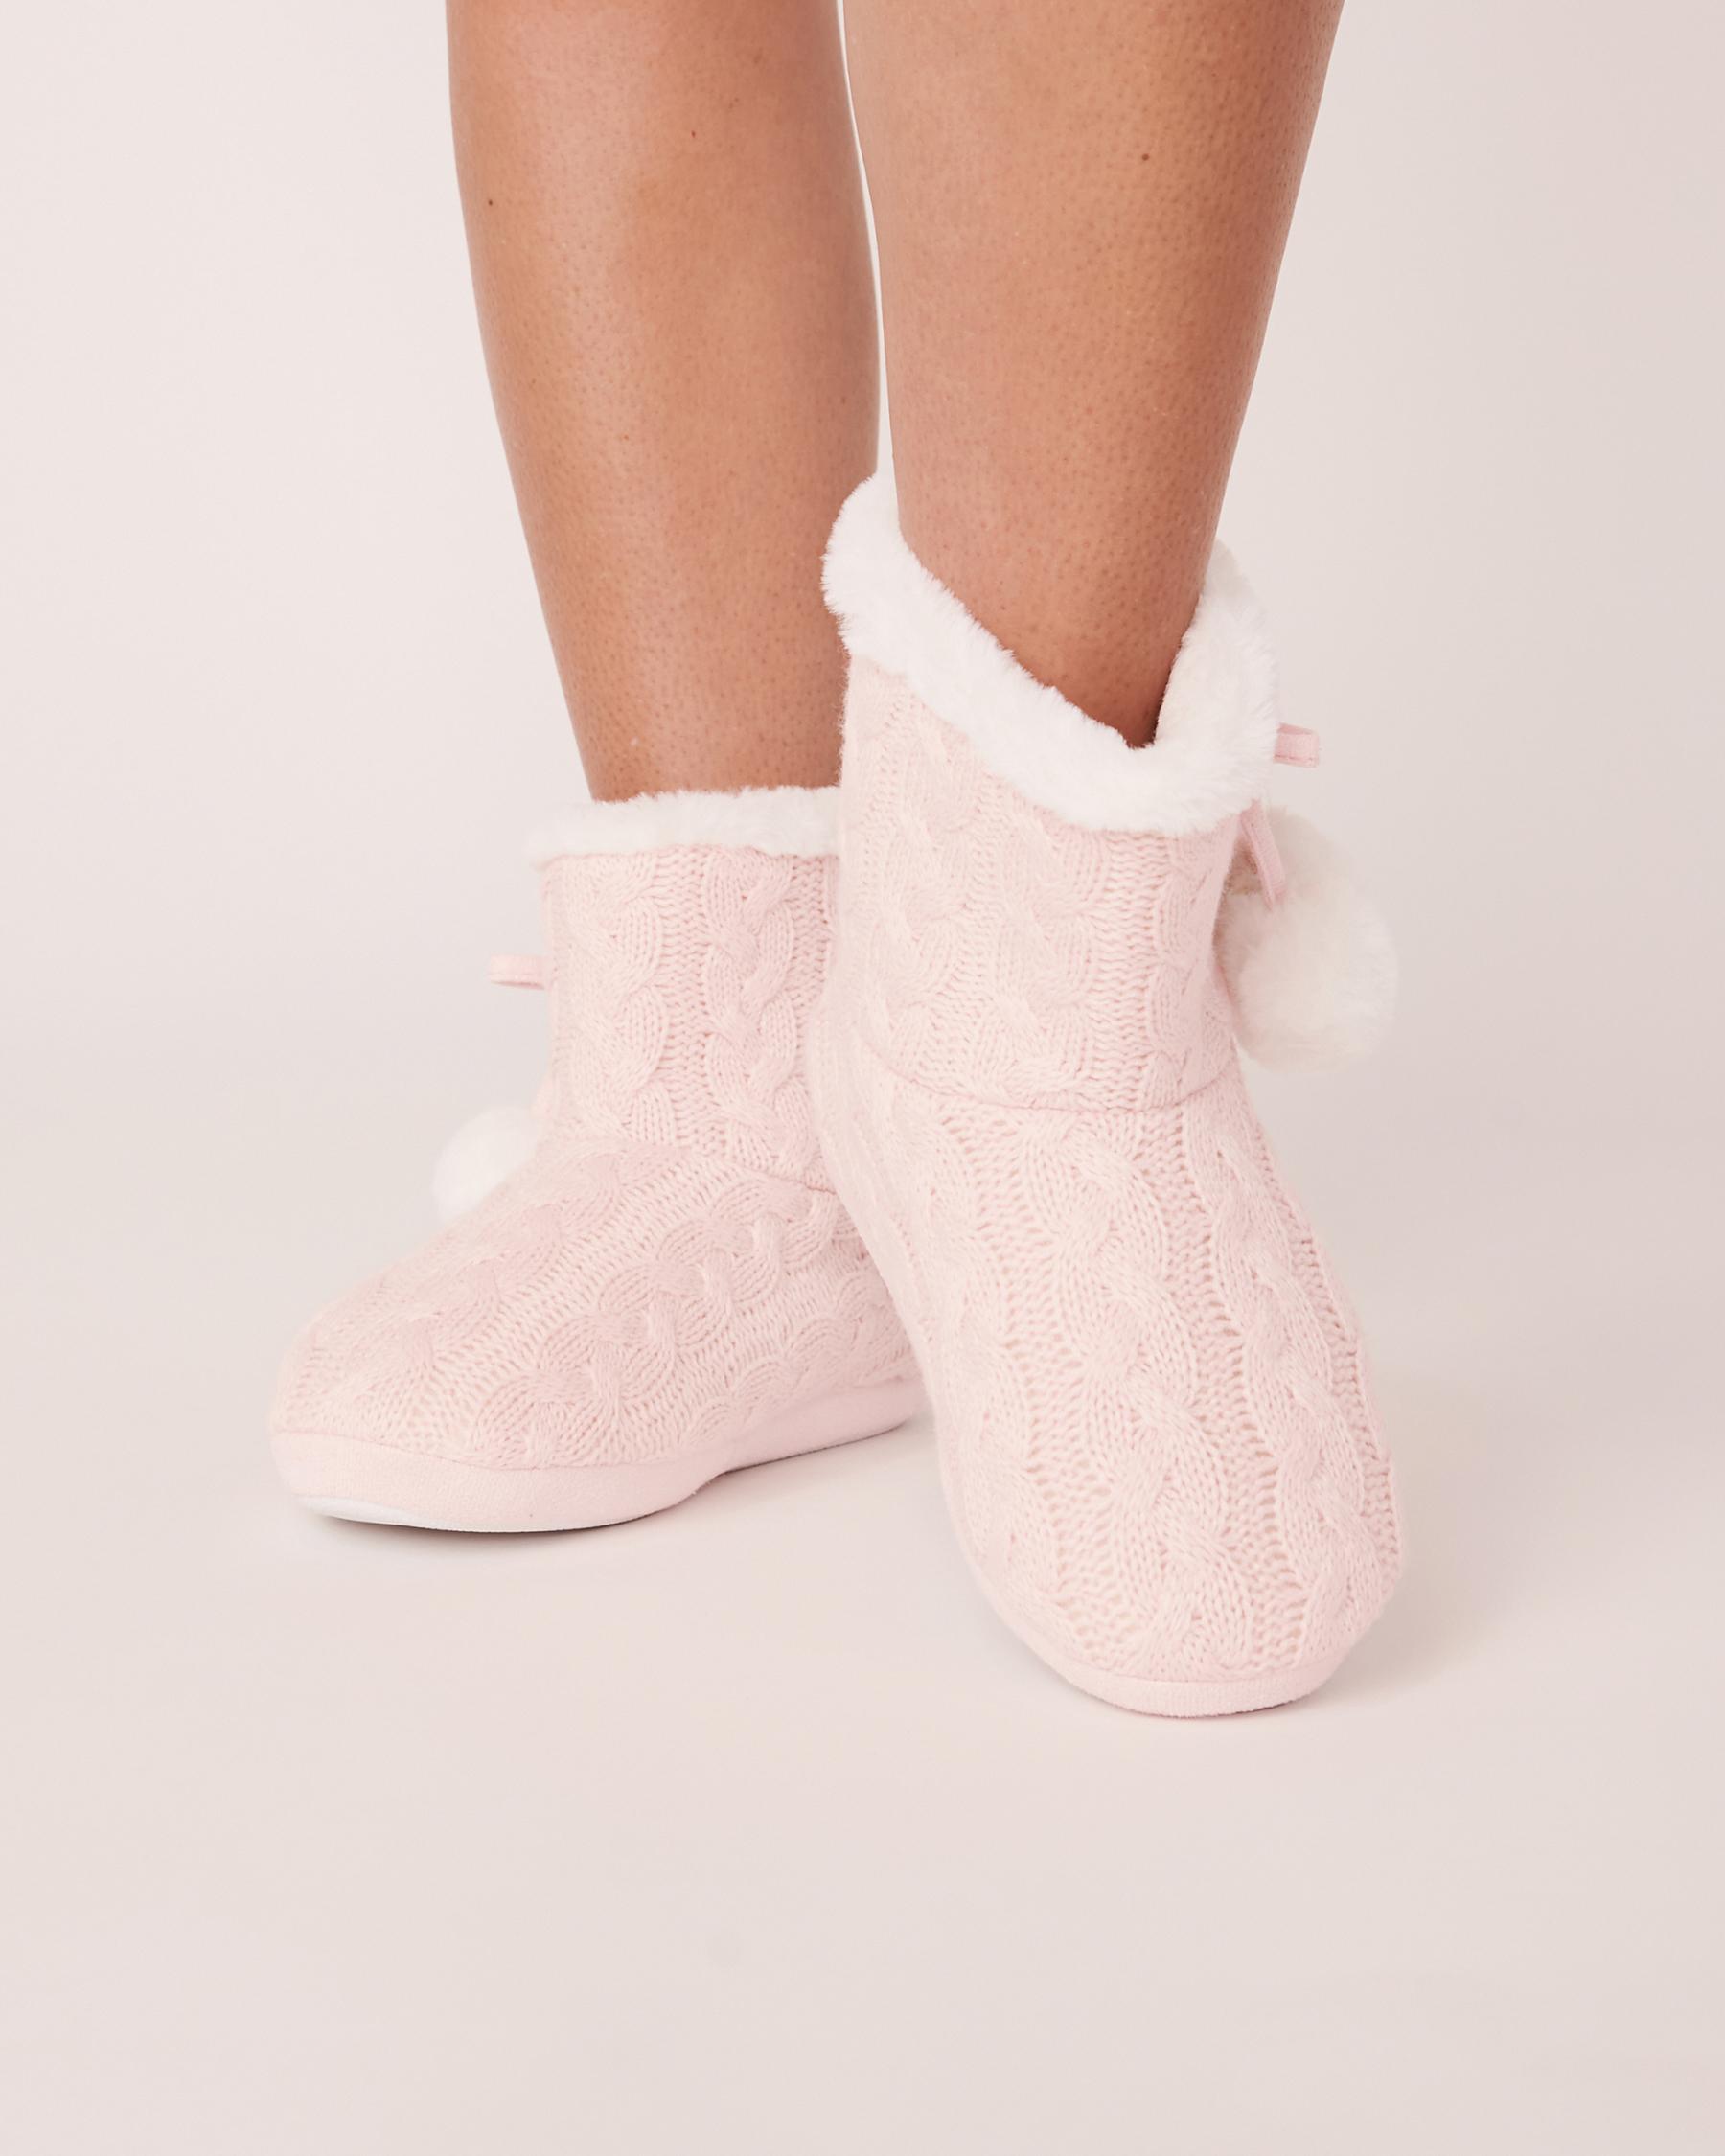 LA VIE EN ROSE Pompoms Bootie Slippers Light pink 40700075 - View1